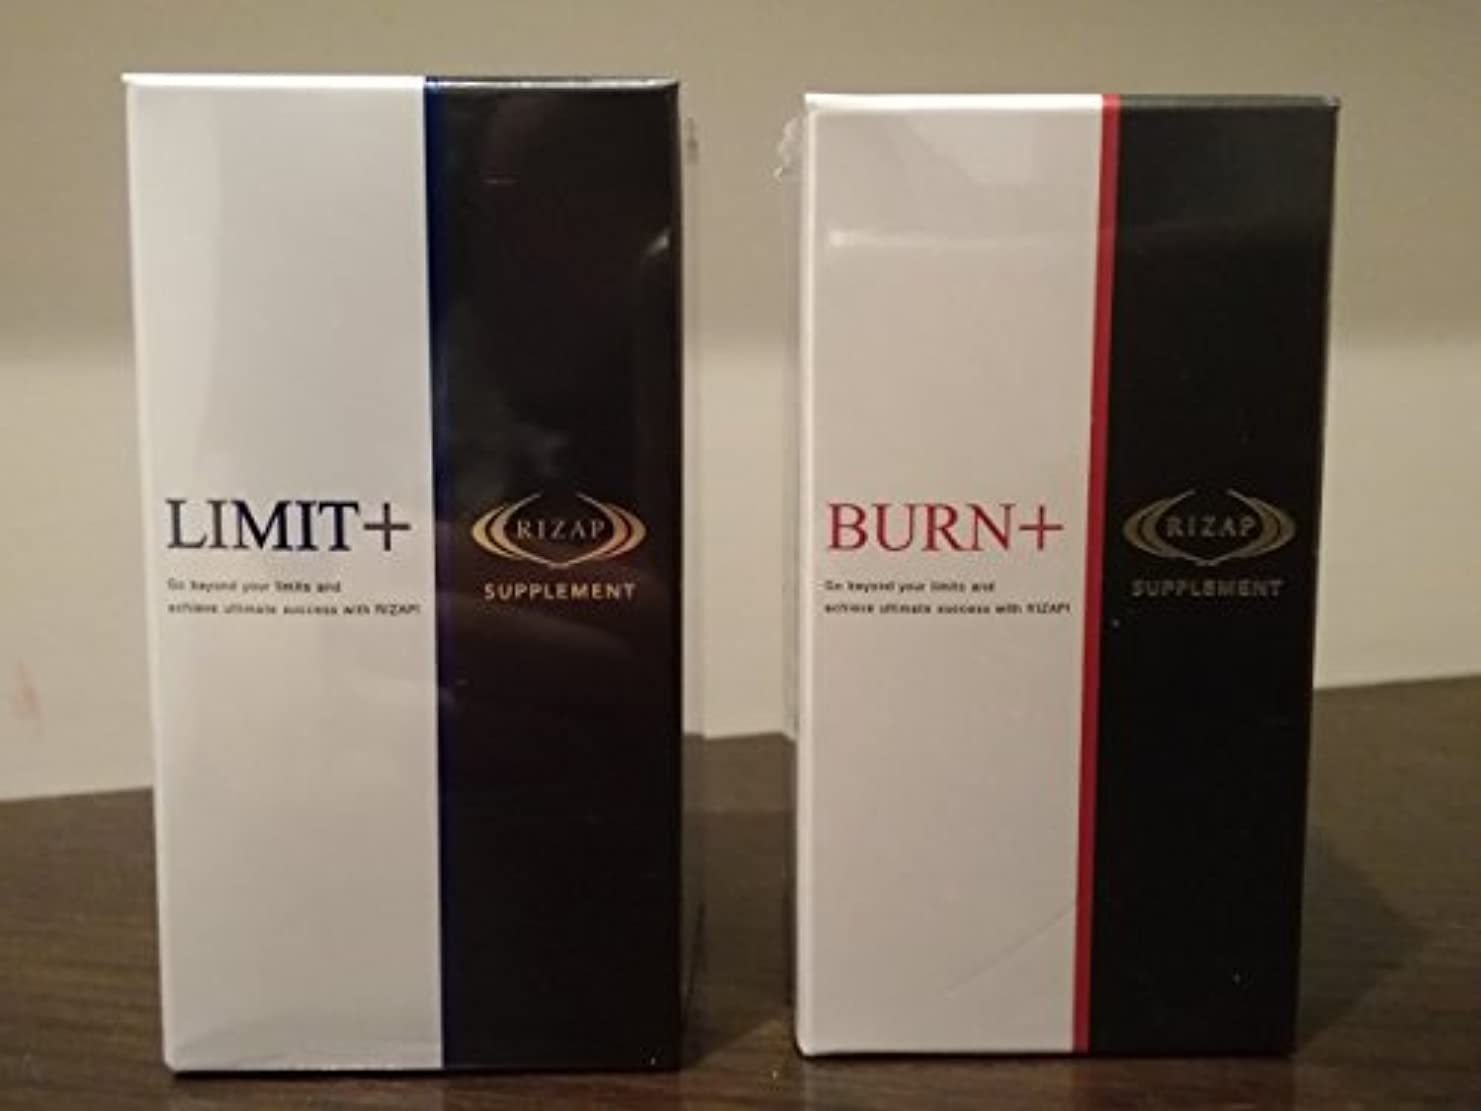 うんテーブル論理ライザップ 【バーン+】&【リミット+】 【BURN+】&【LIMIT+】